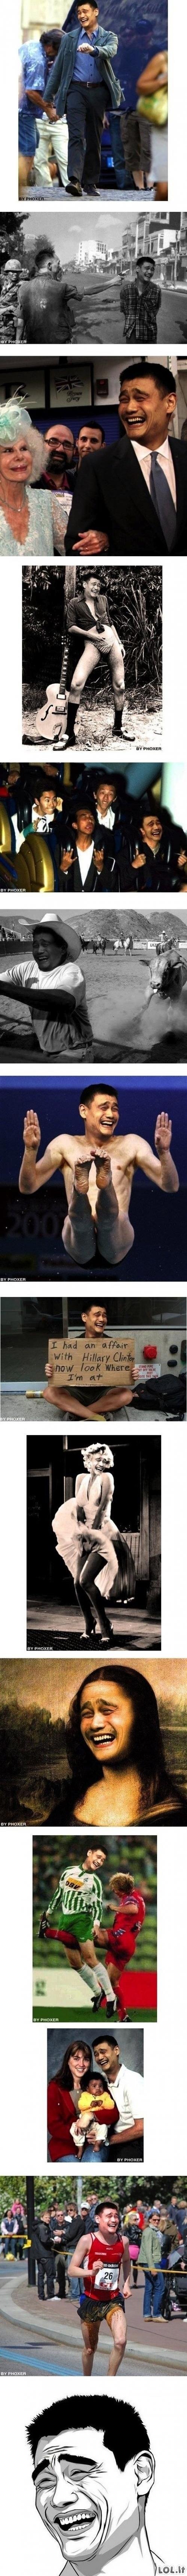 Yao yra visur